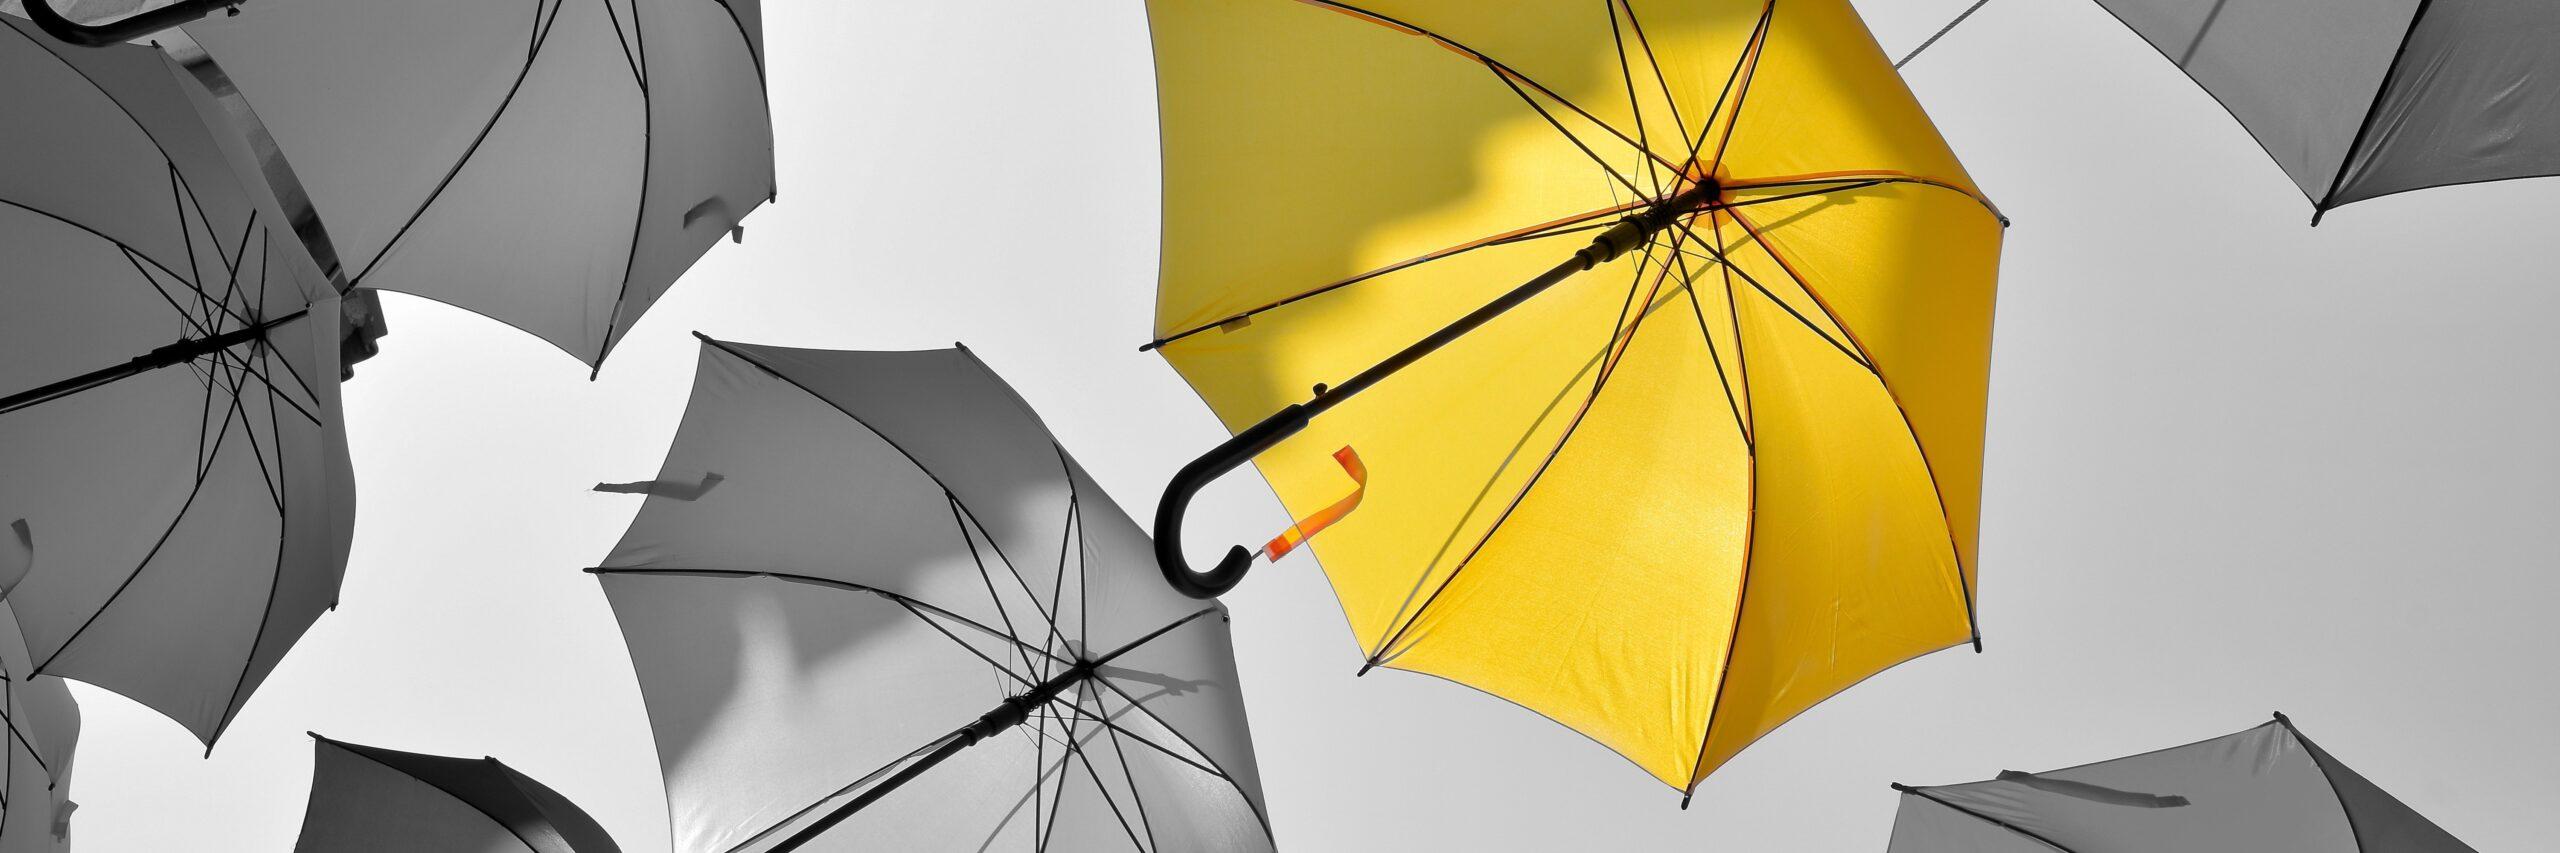 umbrellas-sky-fotolia.jpg